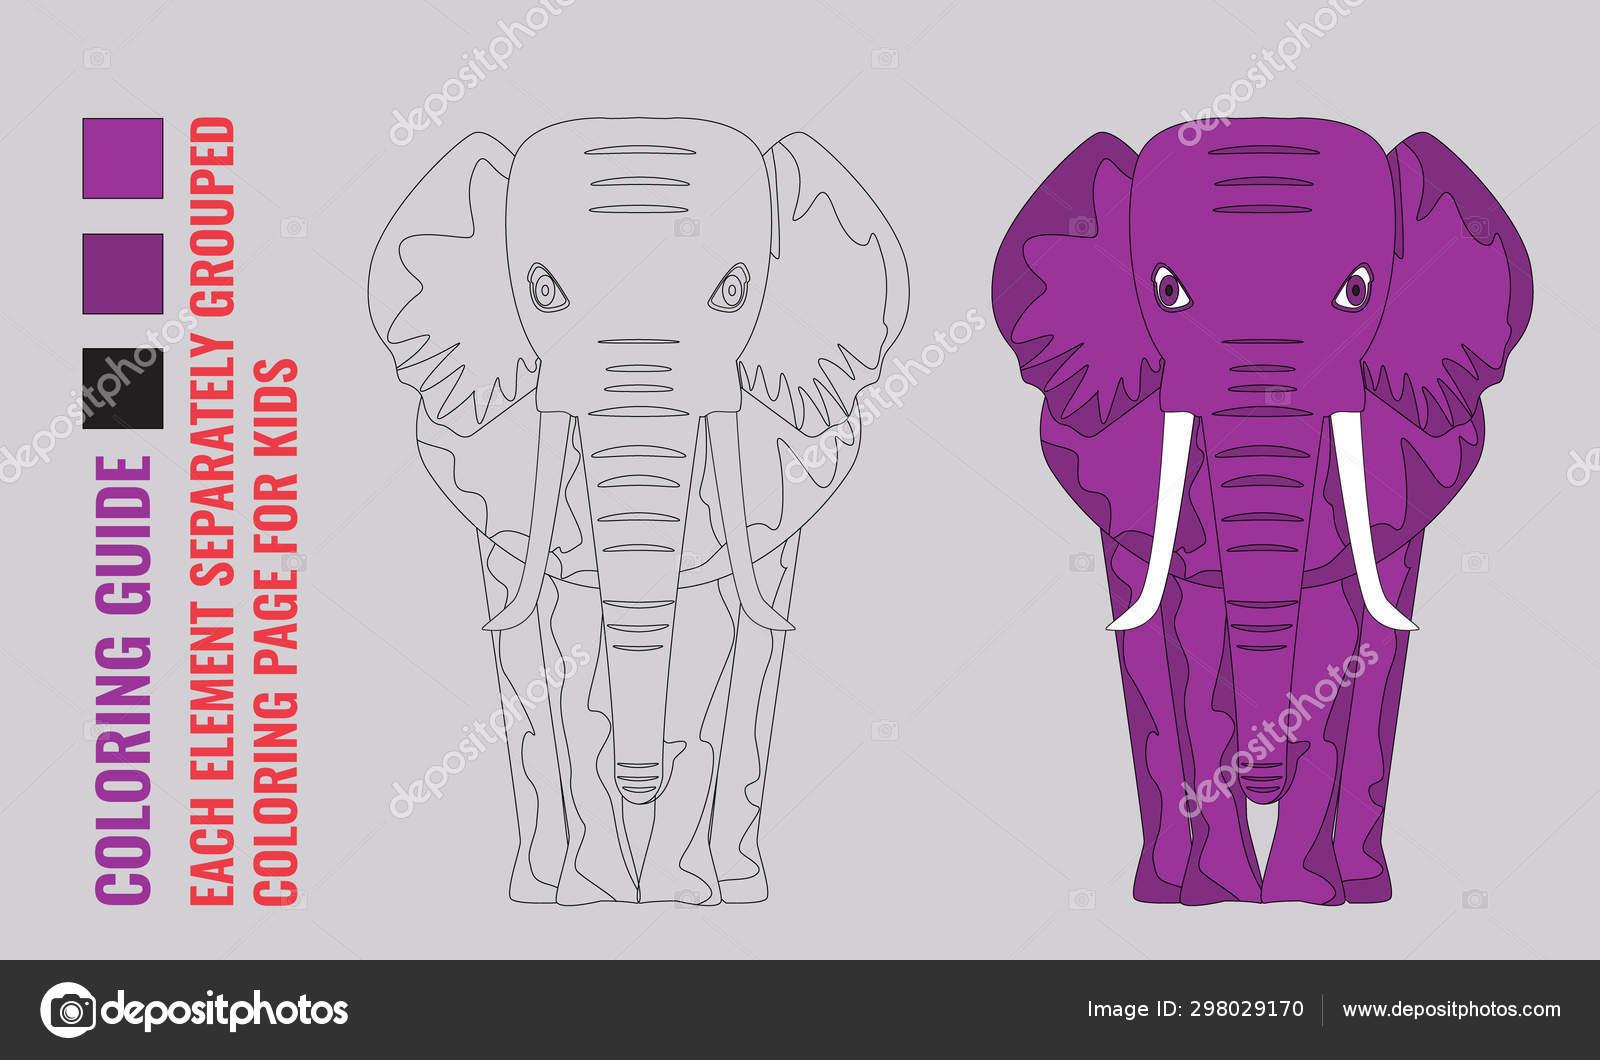 мультфильм и линии искусства слона вид дети обучение игры